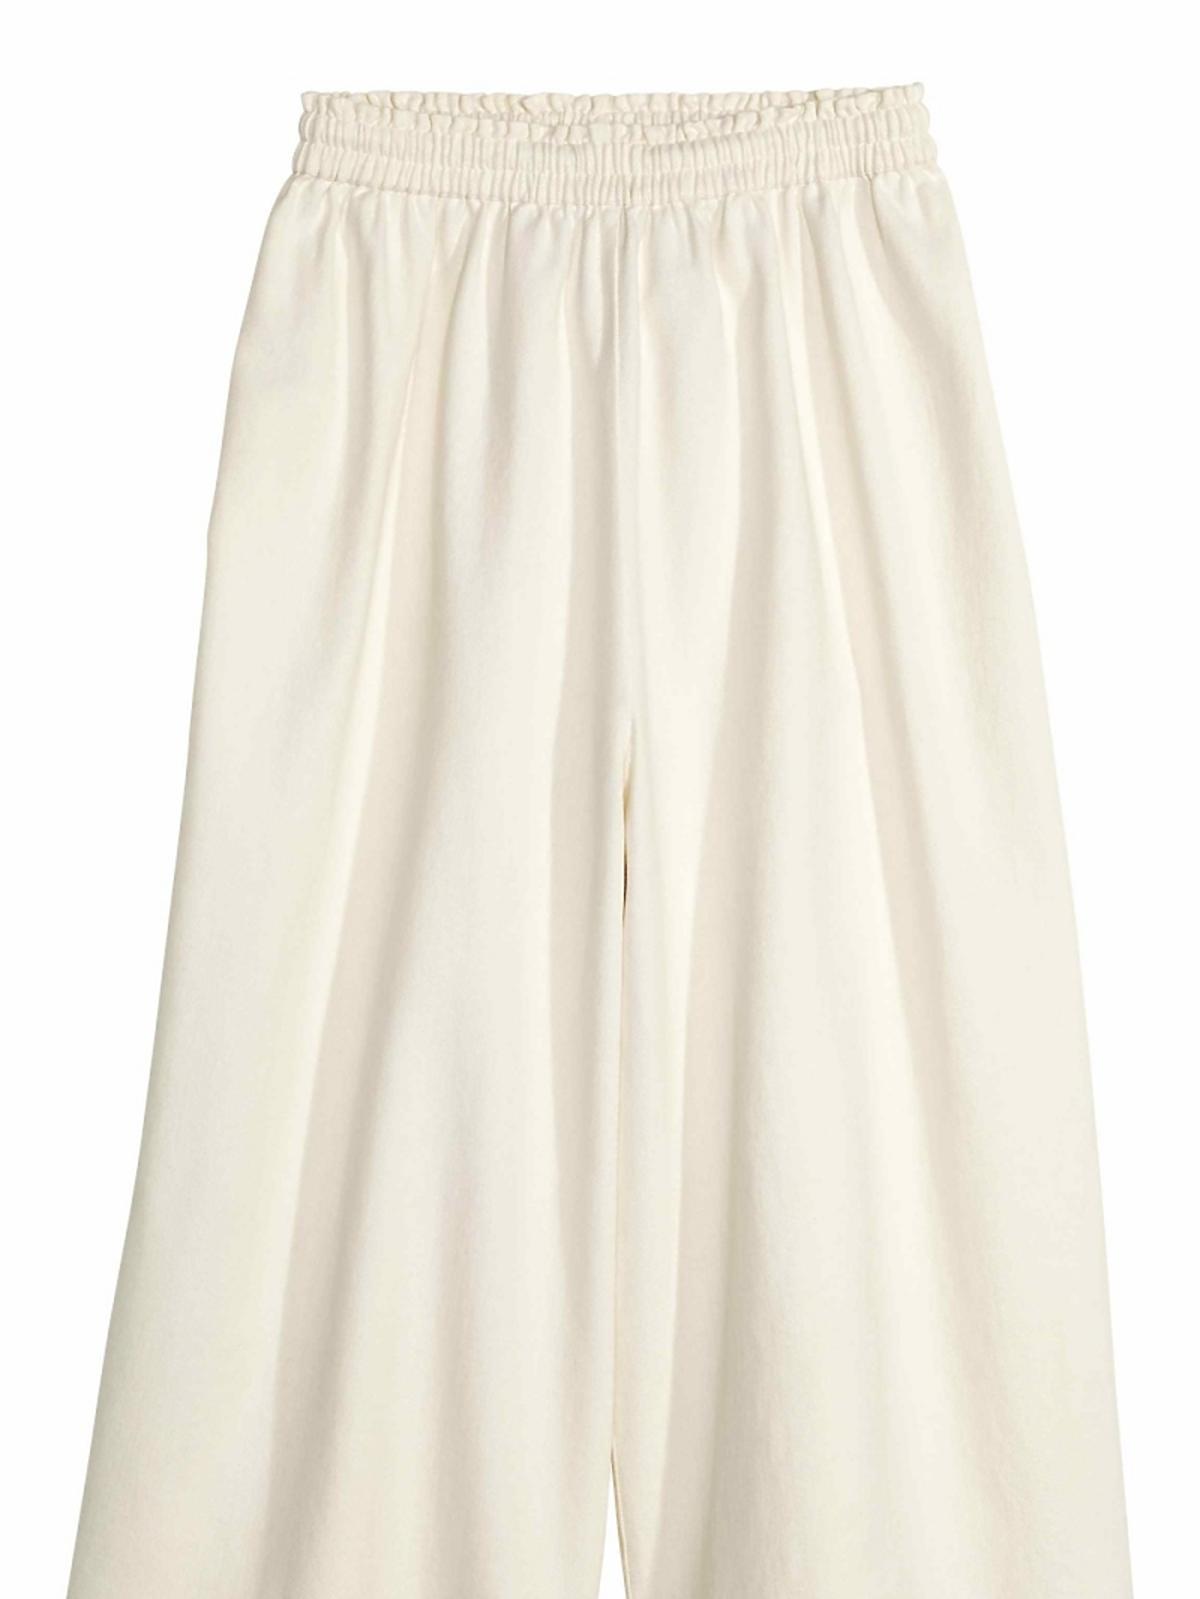 białe spódnicospodnie